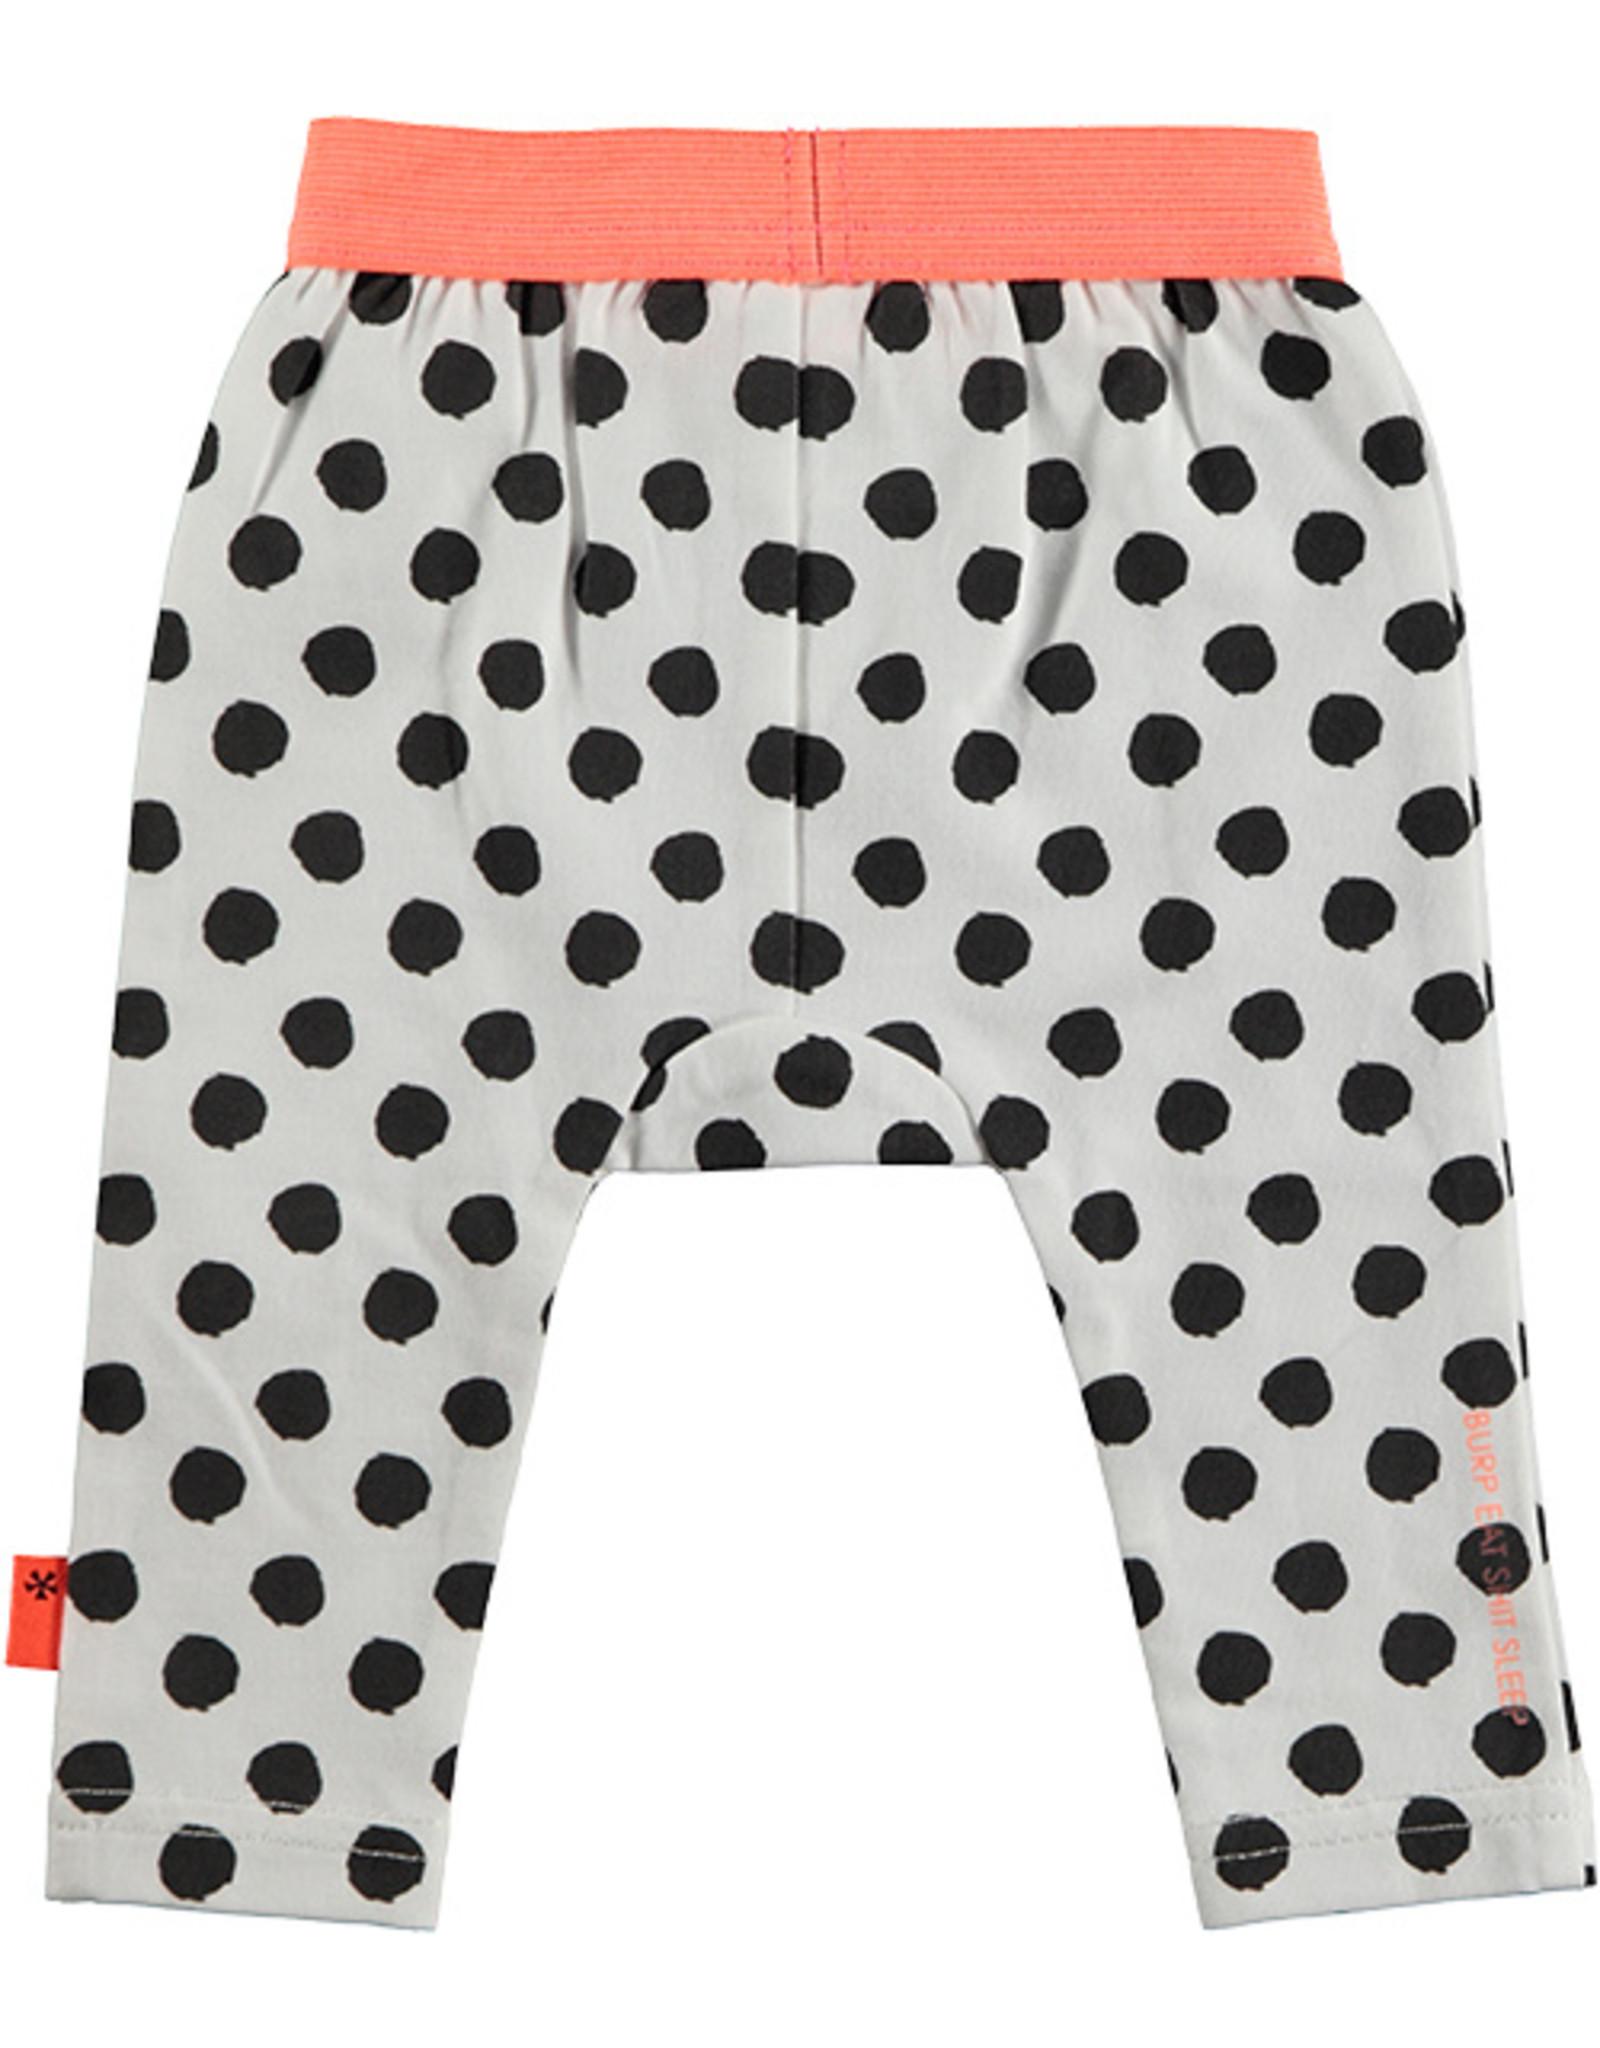 B.E.S.S. Legging Dots, White